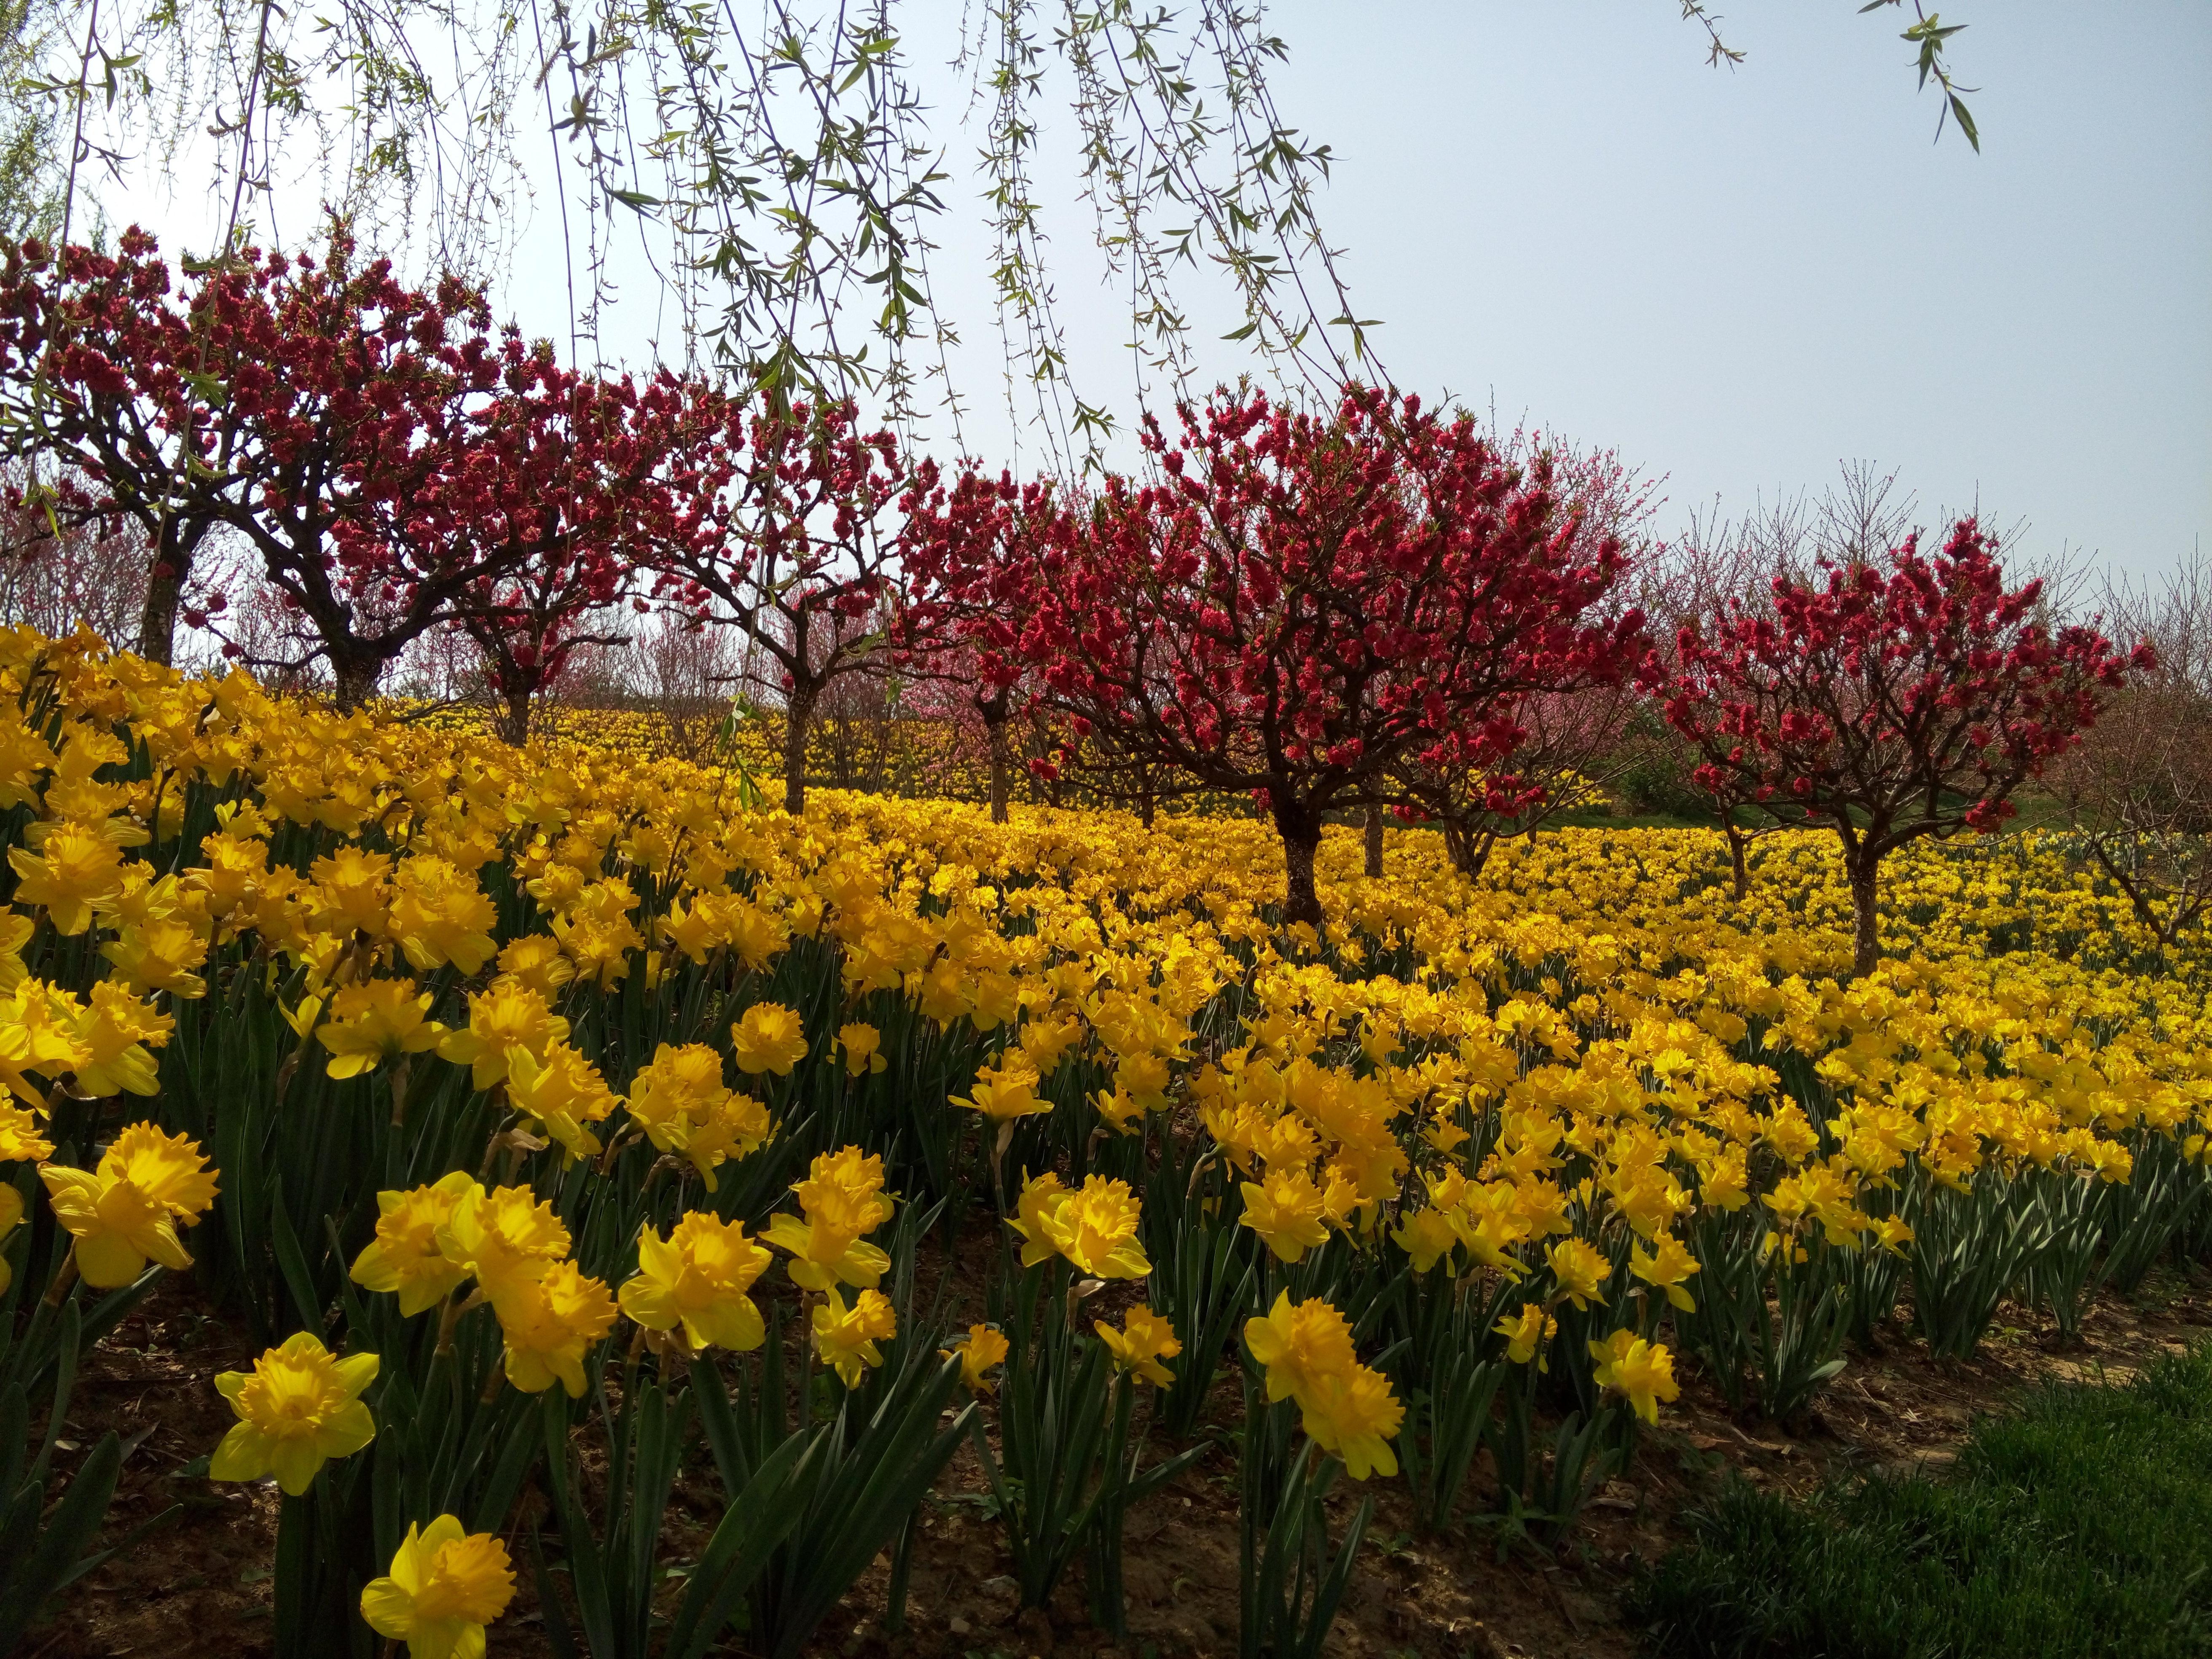 春游大连英歌石植物园 - 旅顺游记攻略【携程攻略】